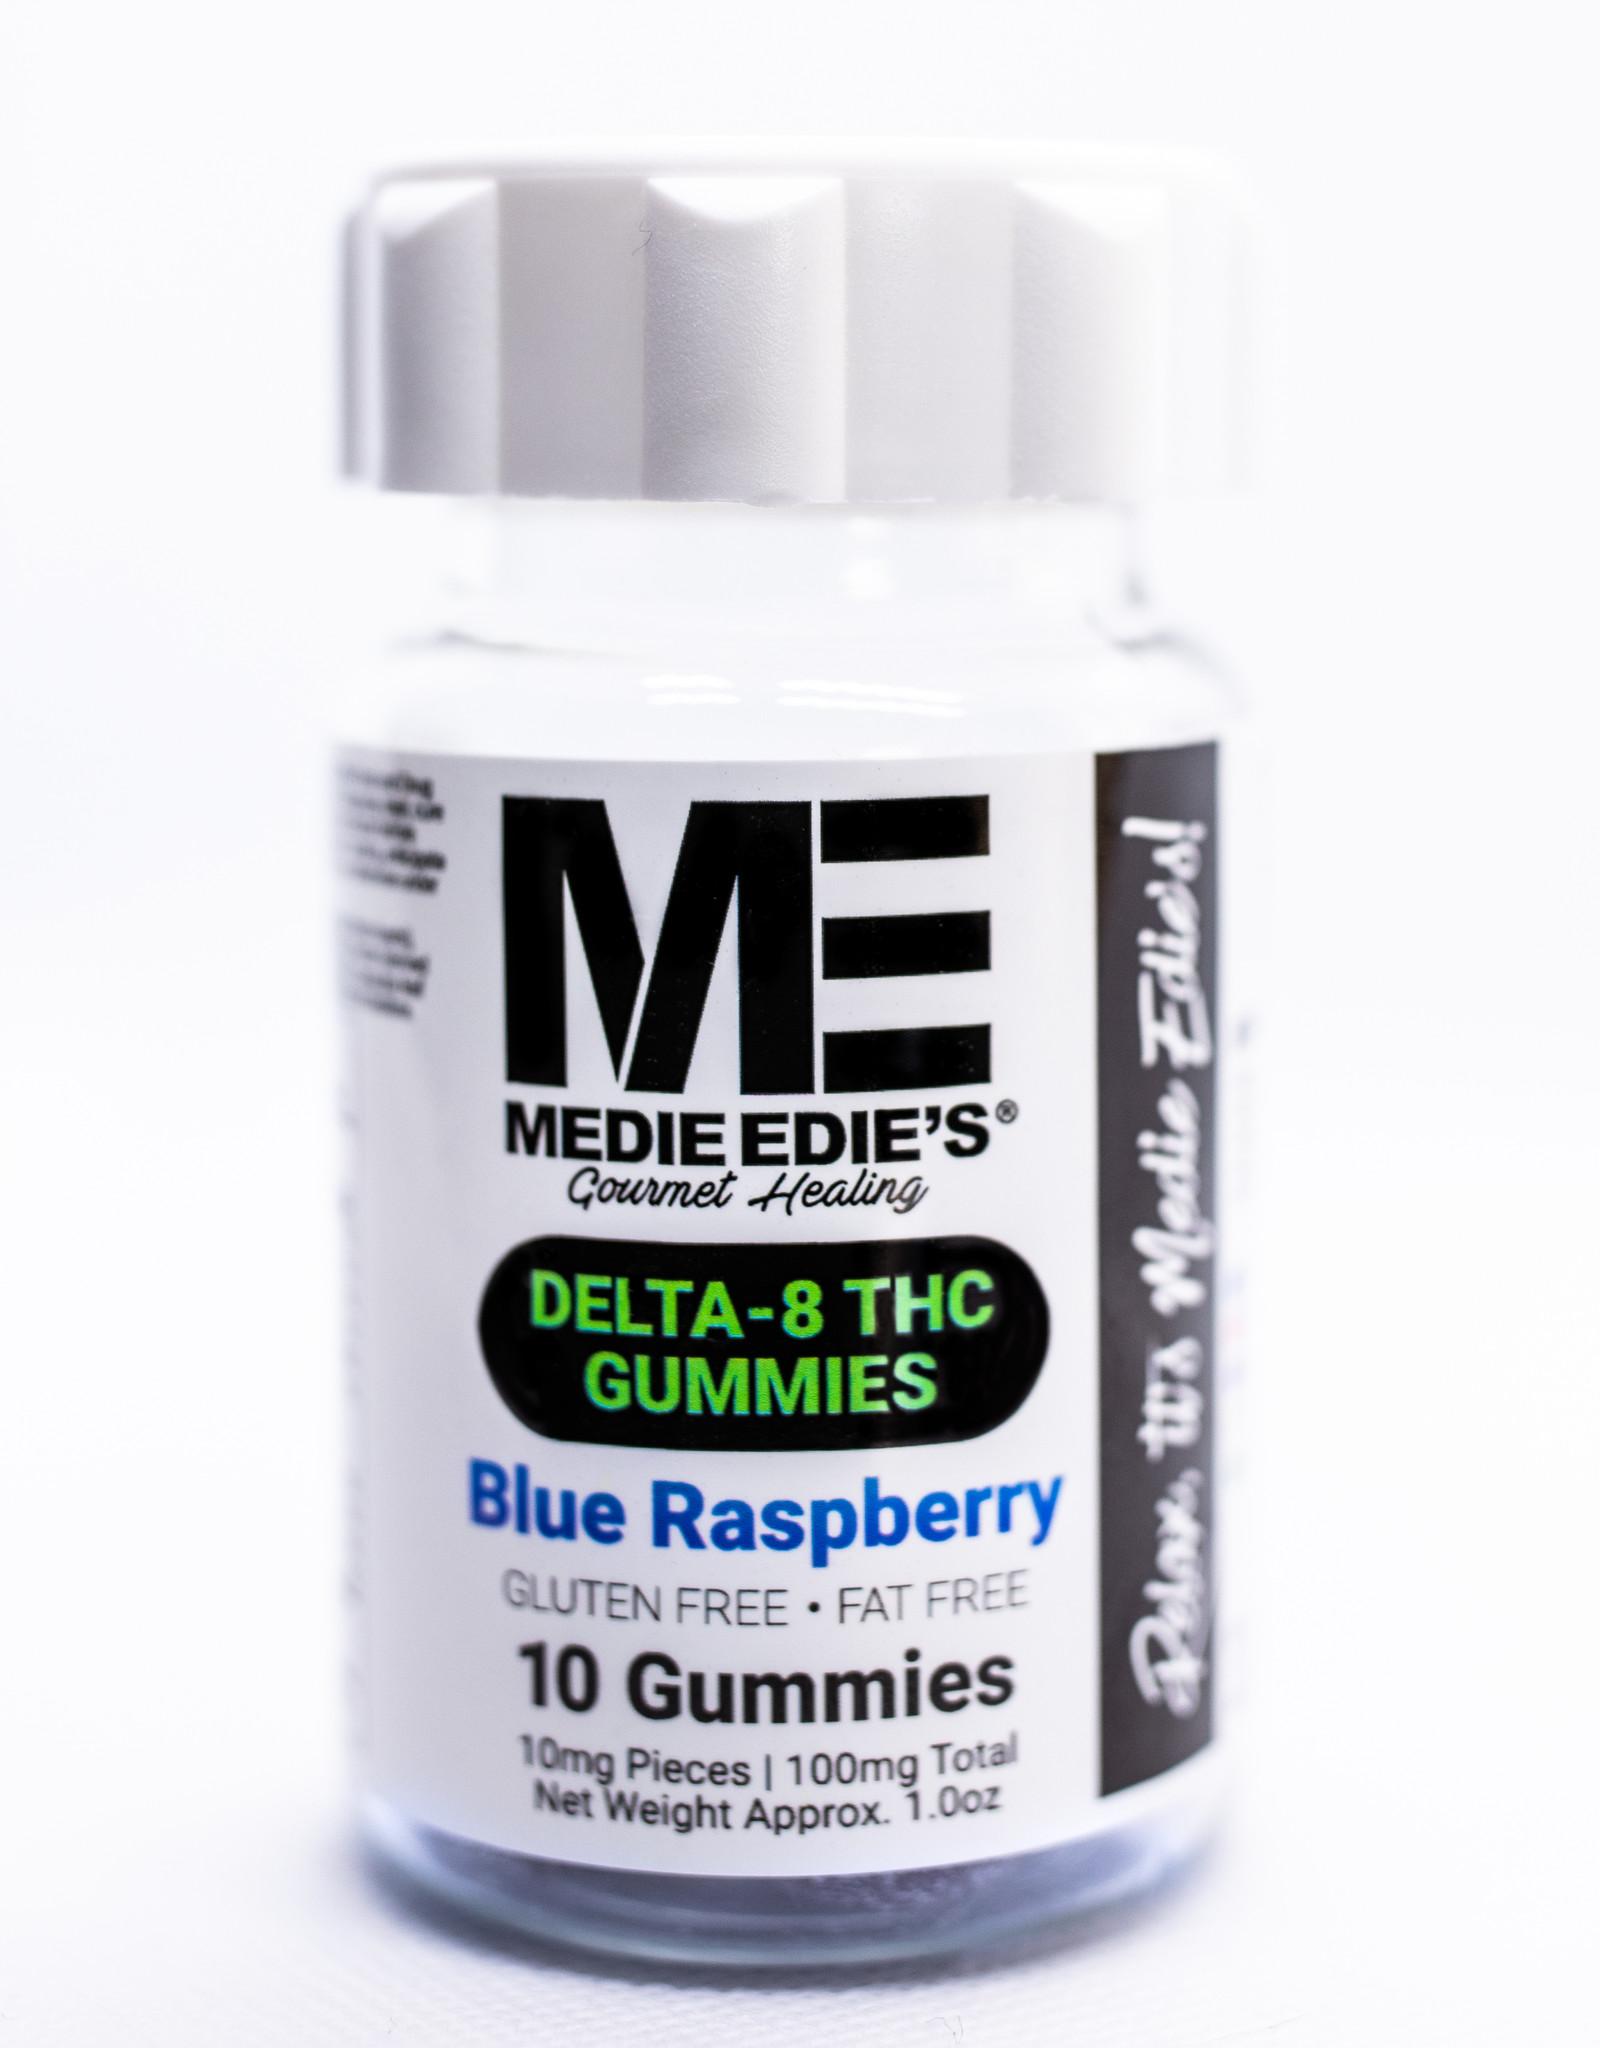 Medie Edie's Medie Edie's 10ct Delta 8 Gummies  Blue Raspberry - 10mg.100mg